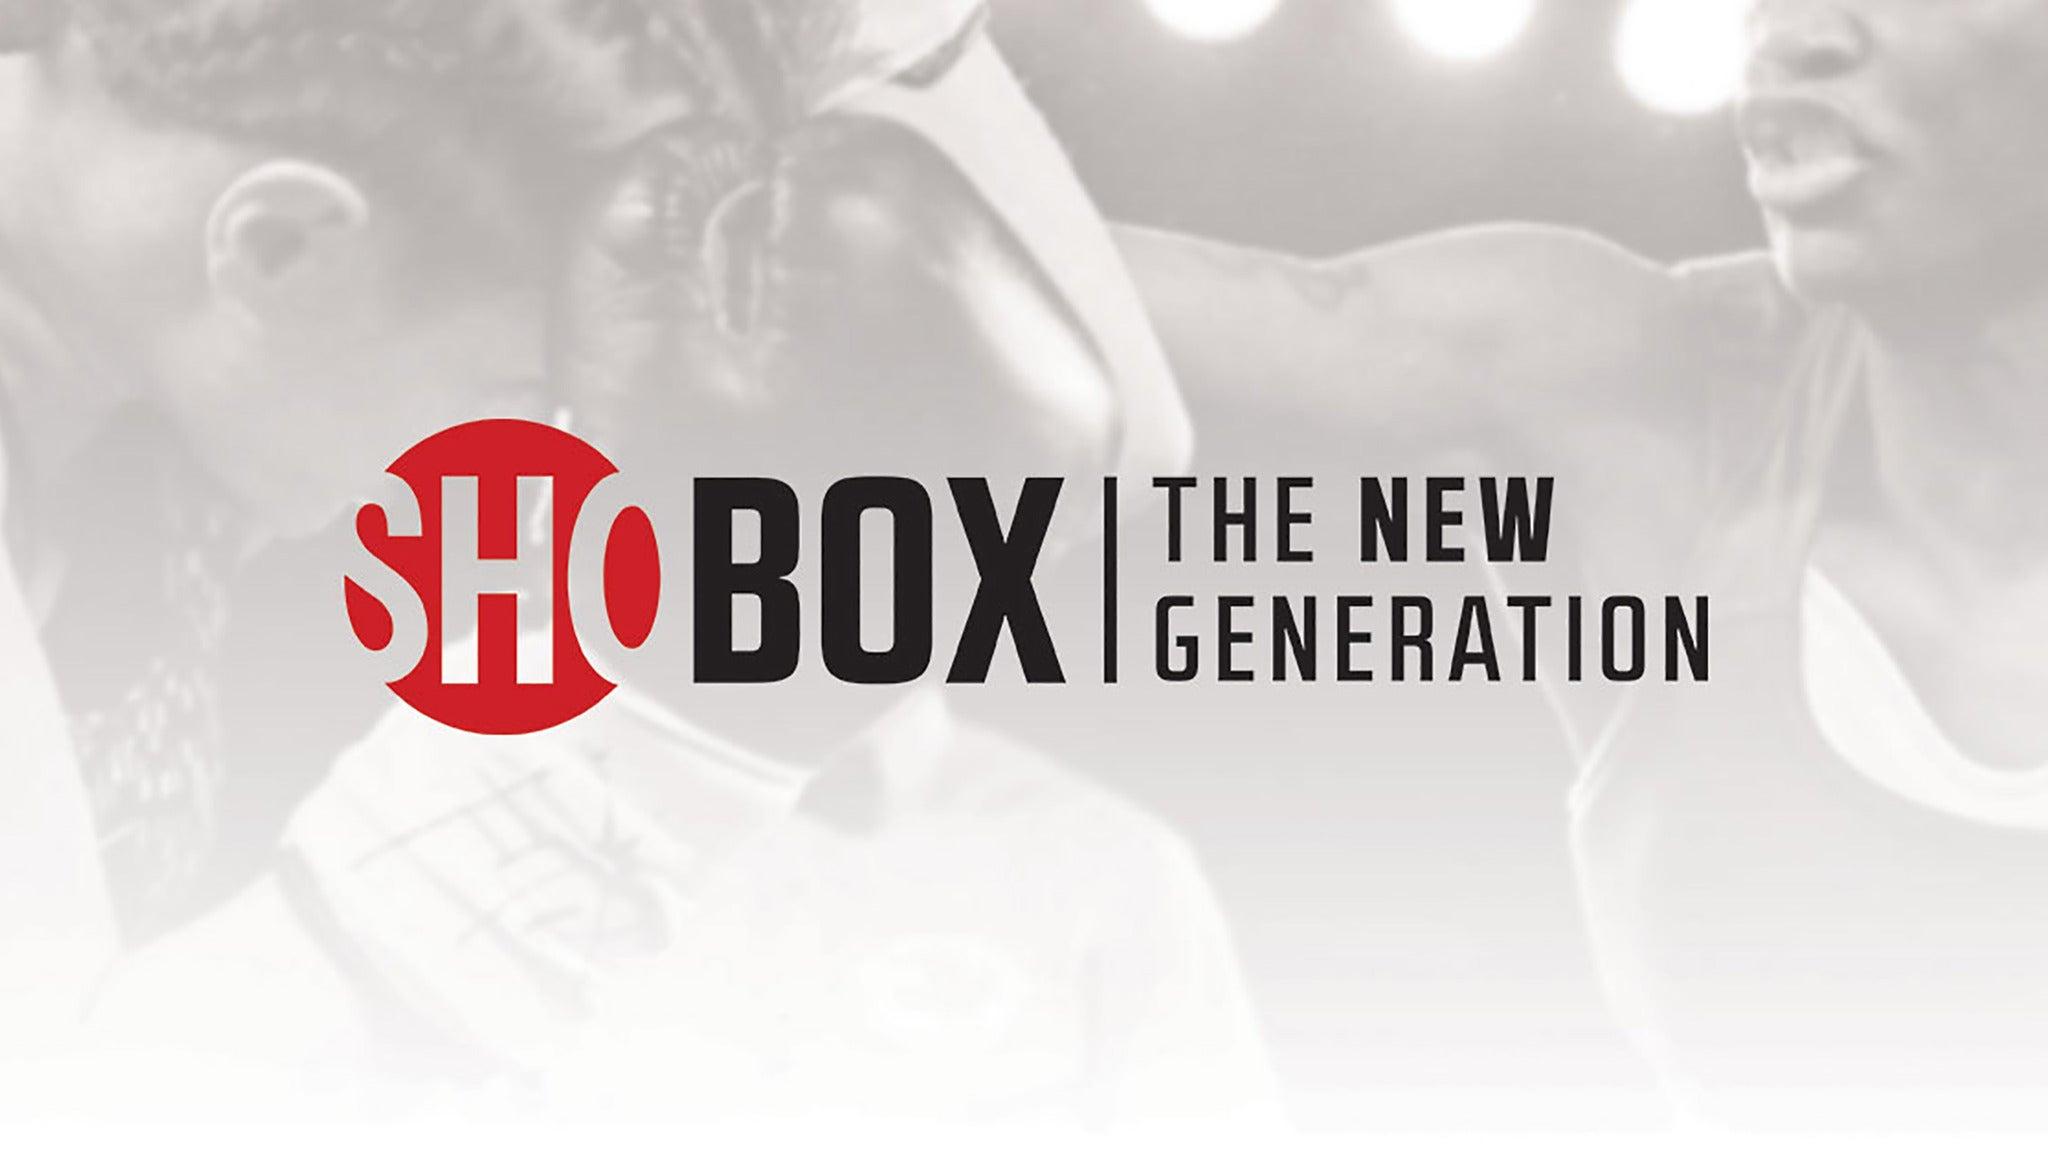 ShoBox: The New Generation at Pechanga Resort and Casino